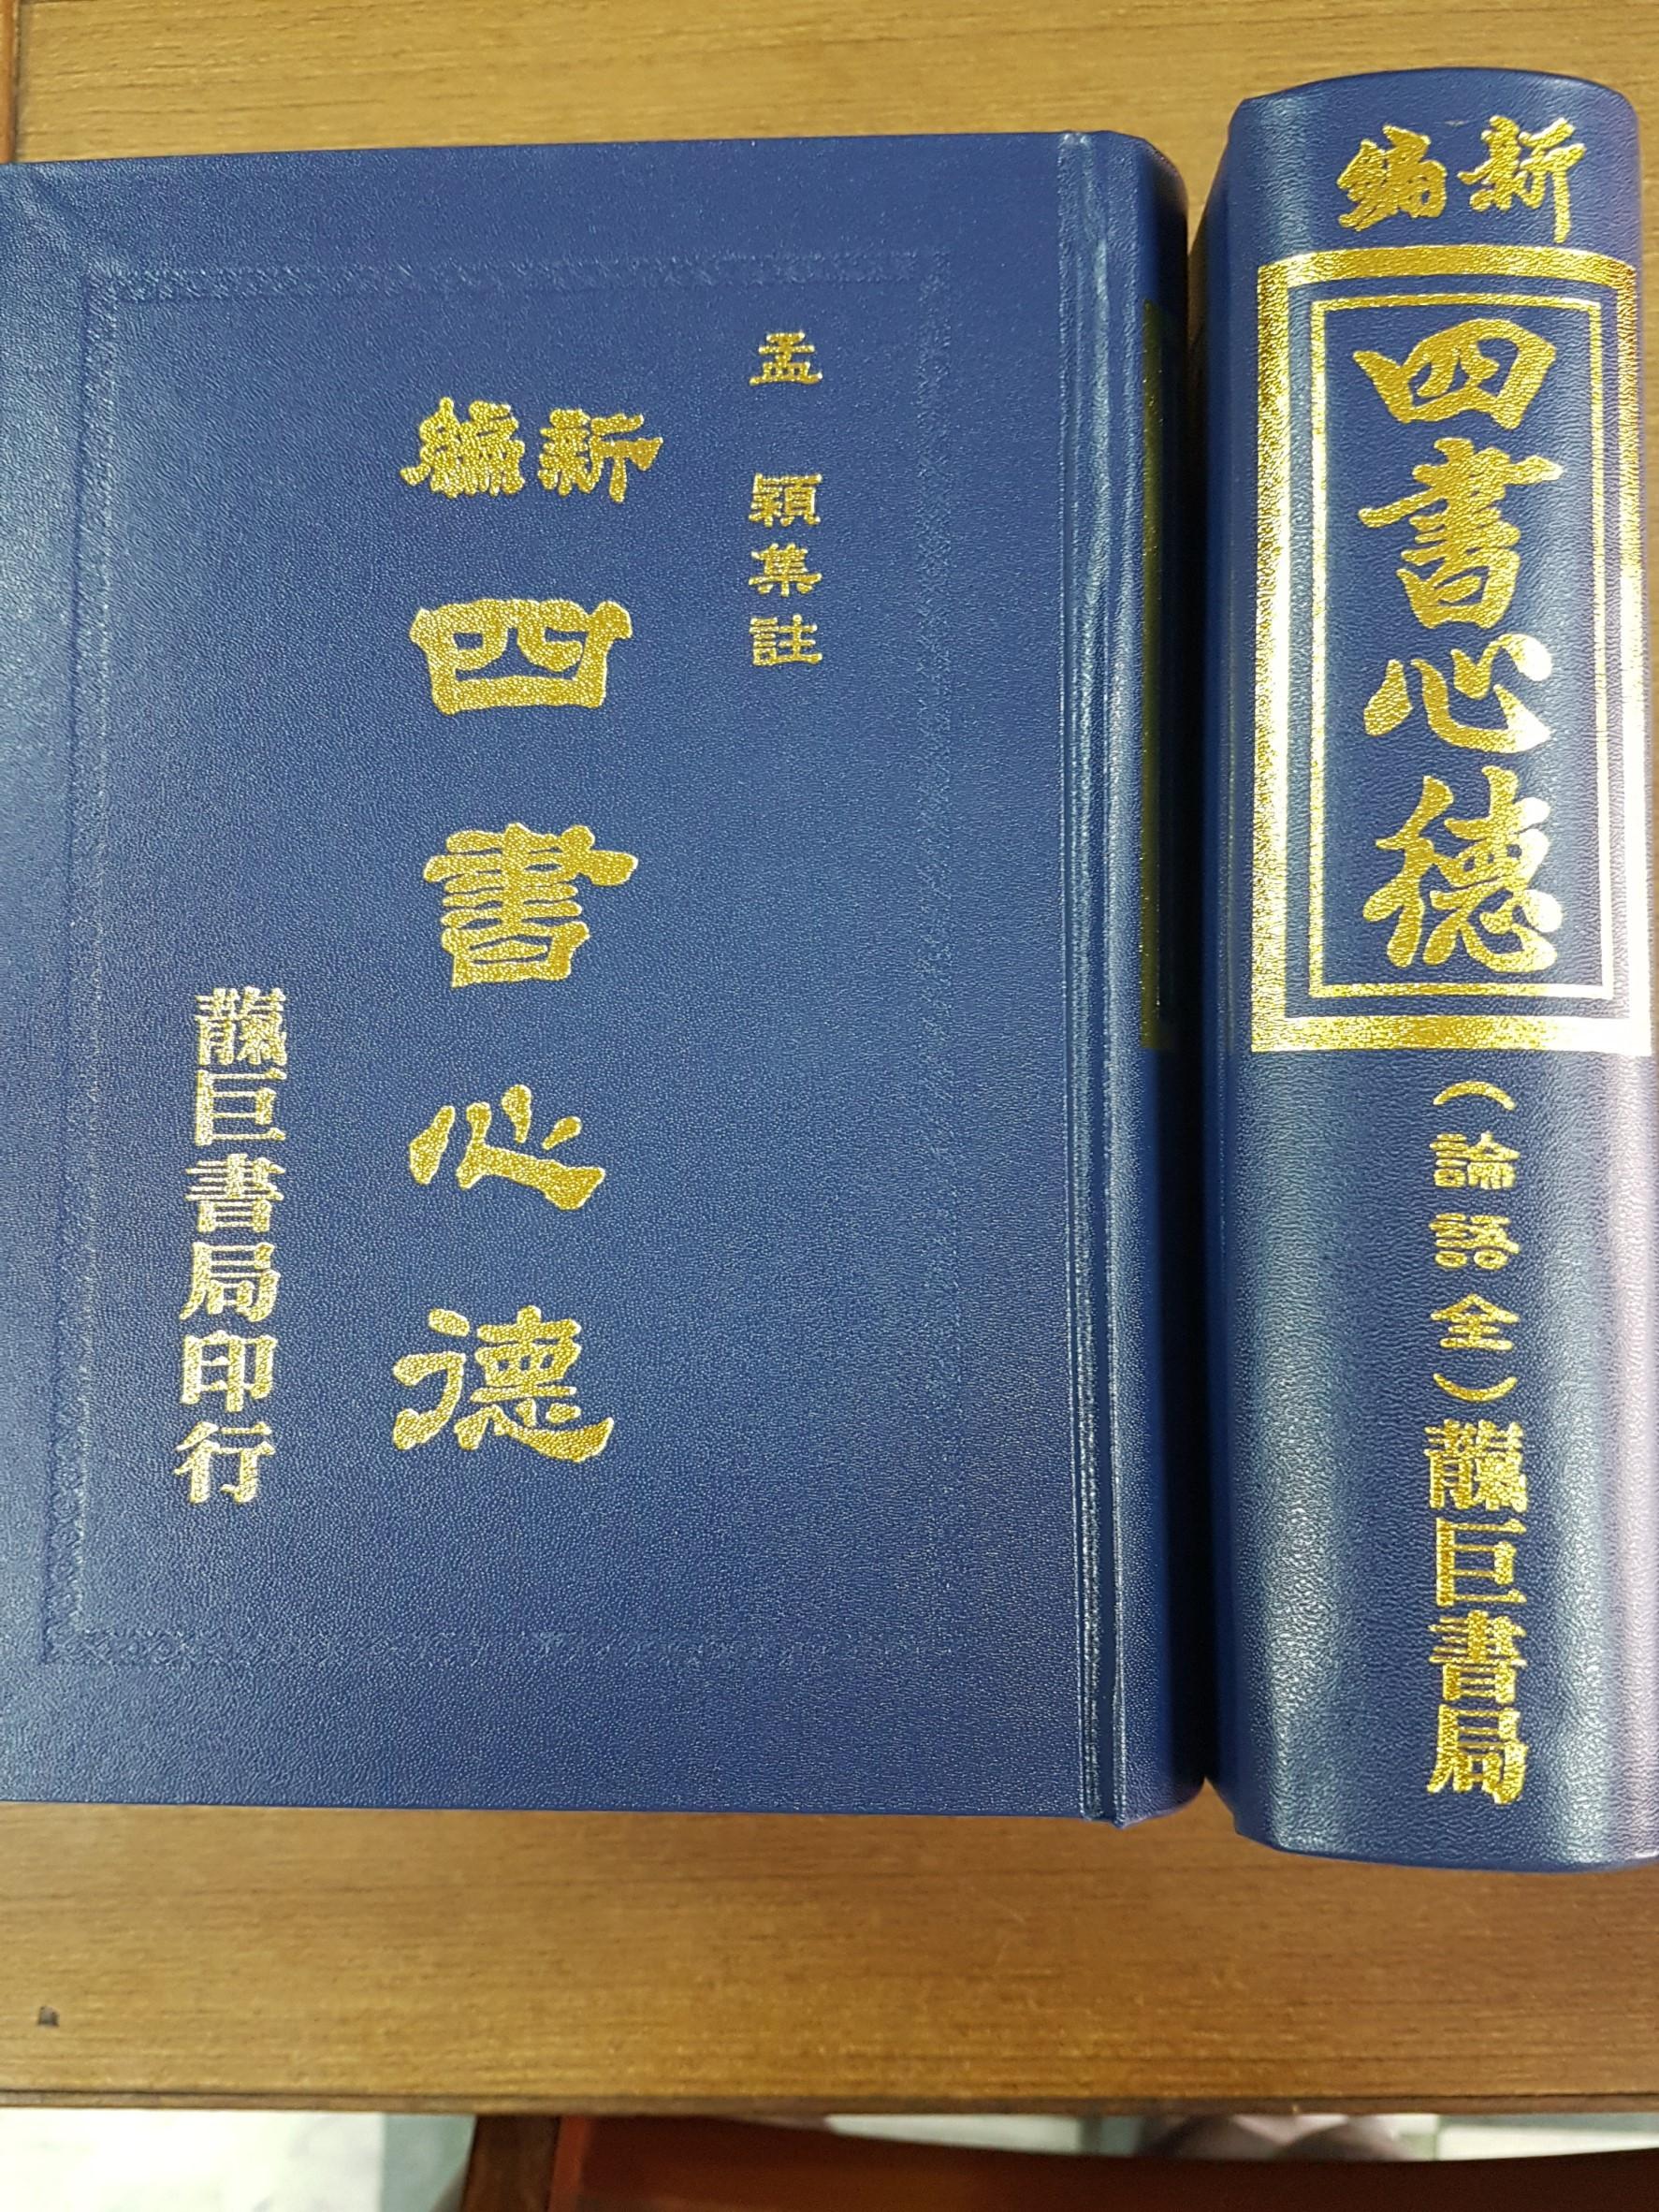 新編四書心德 (論語) 全 (M19)